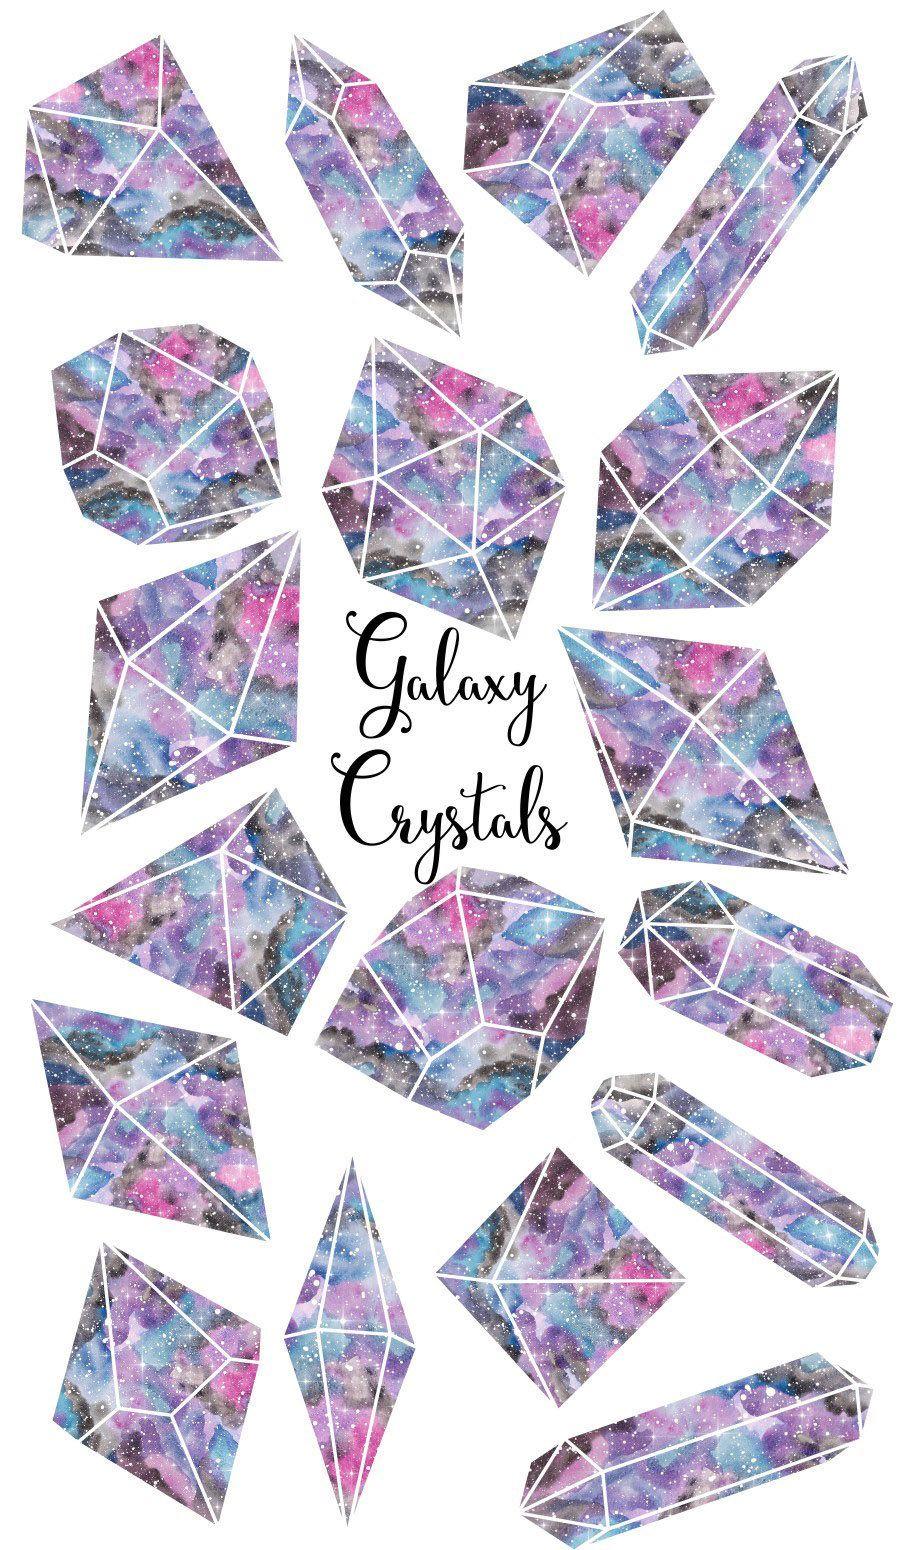 Galaxy cosmic. Crystals clipart gemstone watercolor